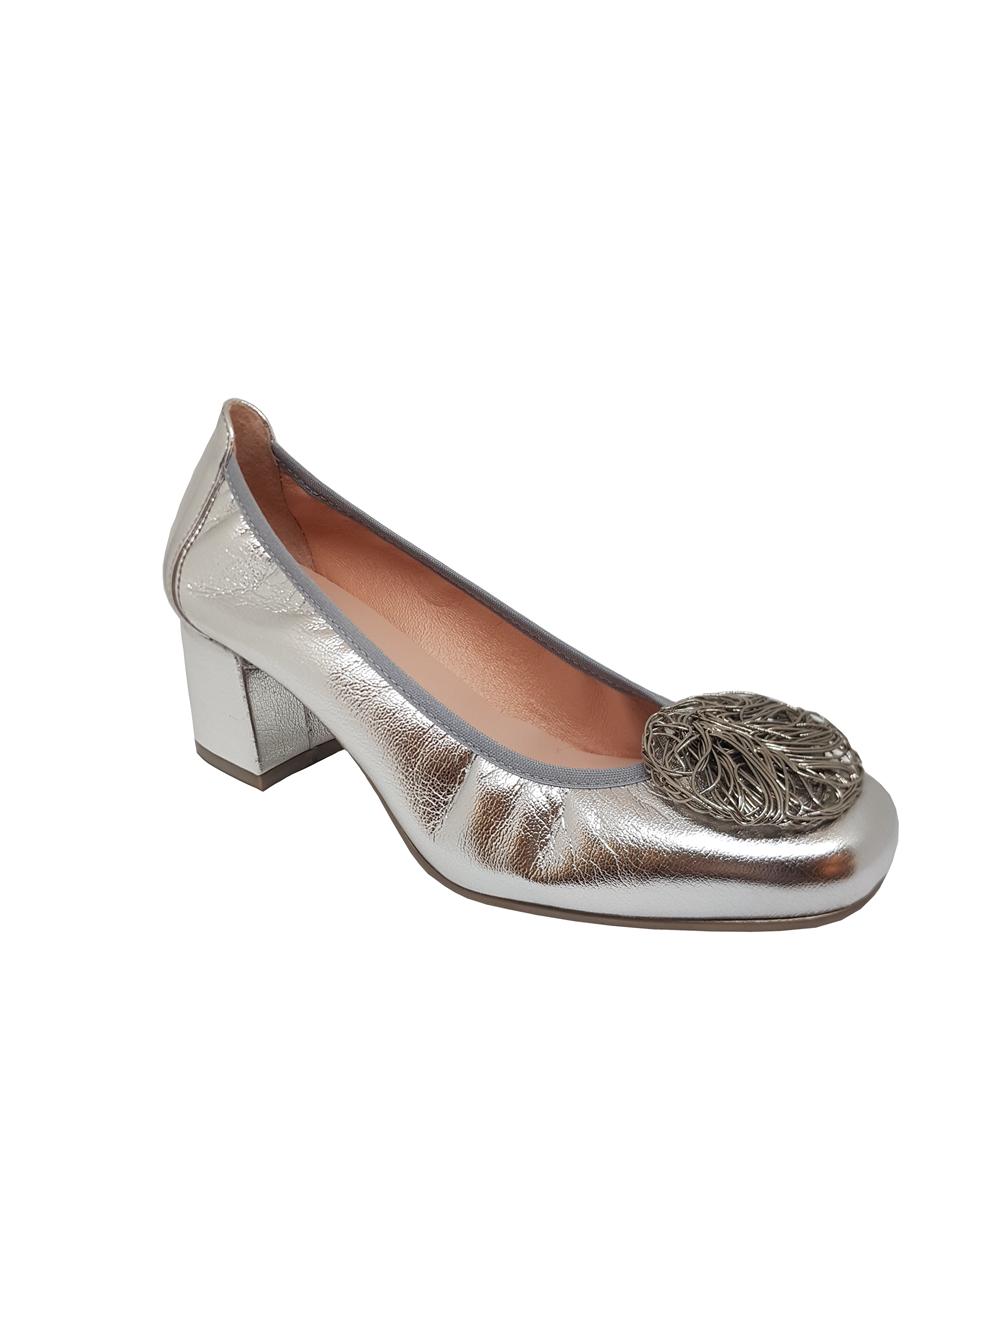 Novedad Zapato de piel plata